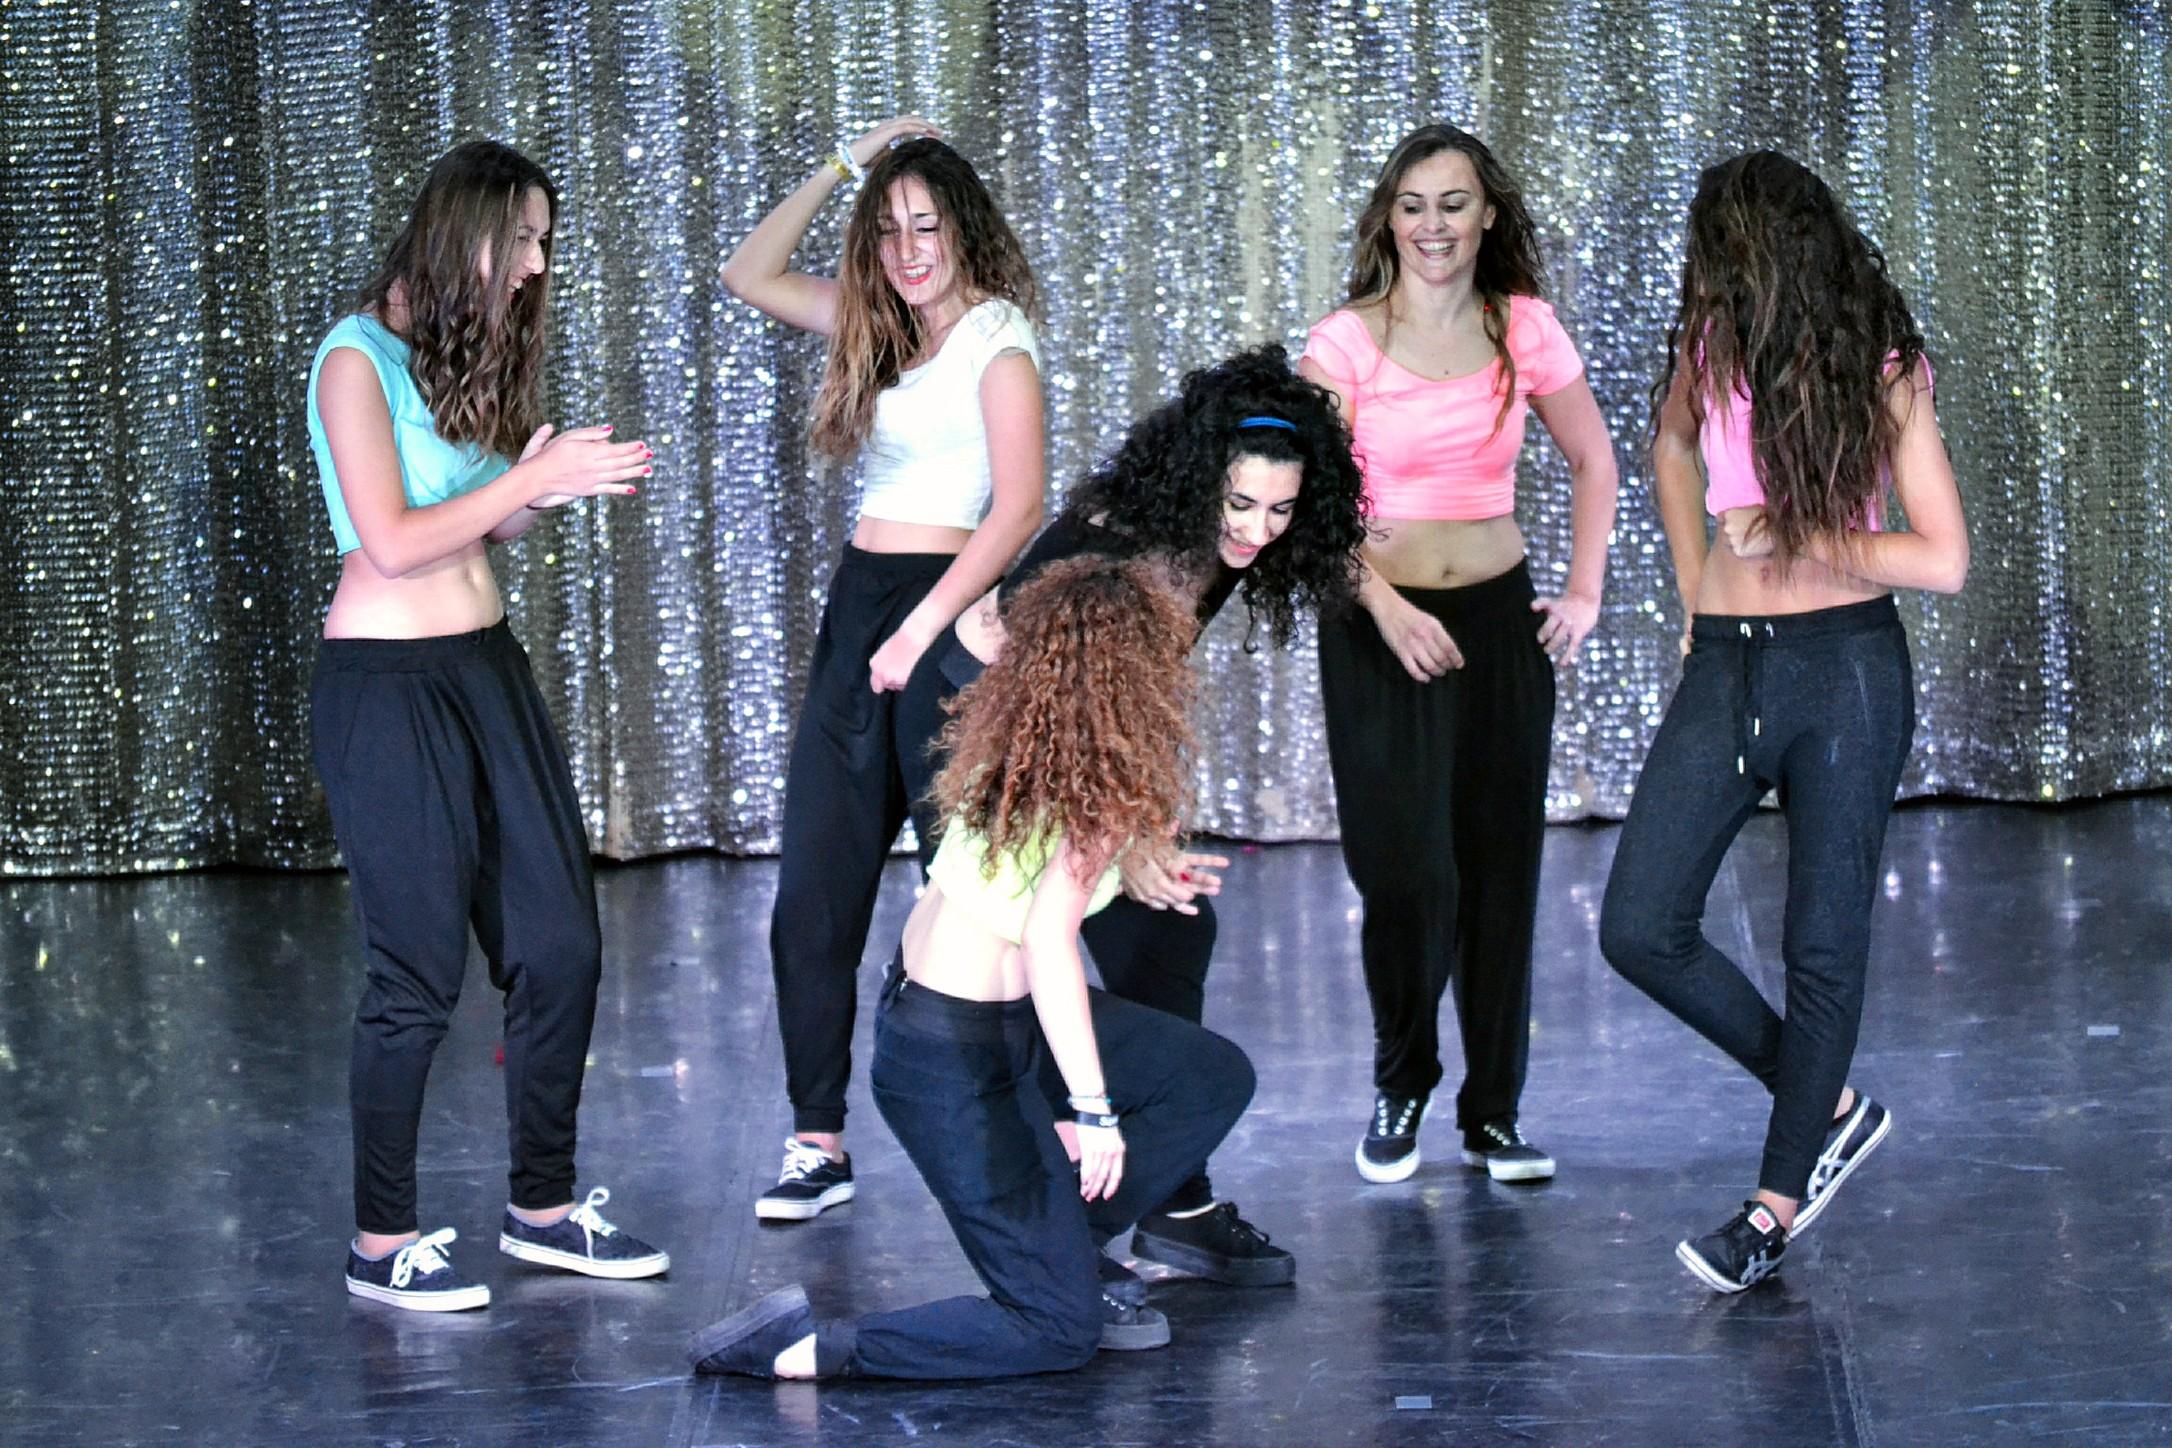 Linea-de-Baile-festival-verano-2015-clases-de-baile-valencia-44